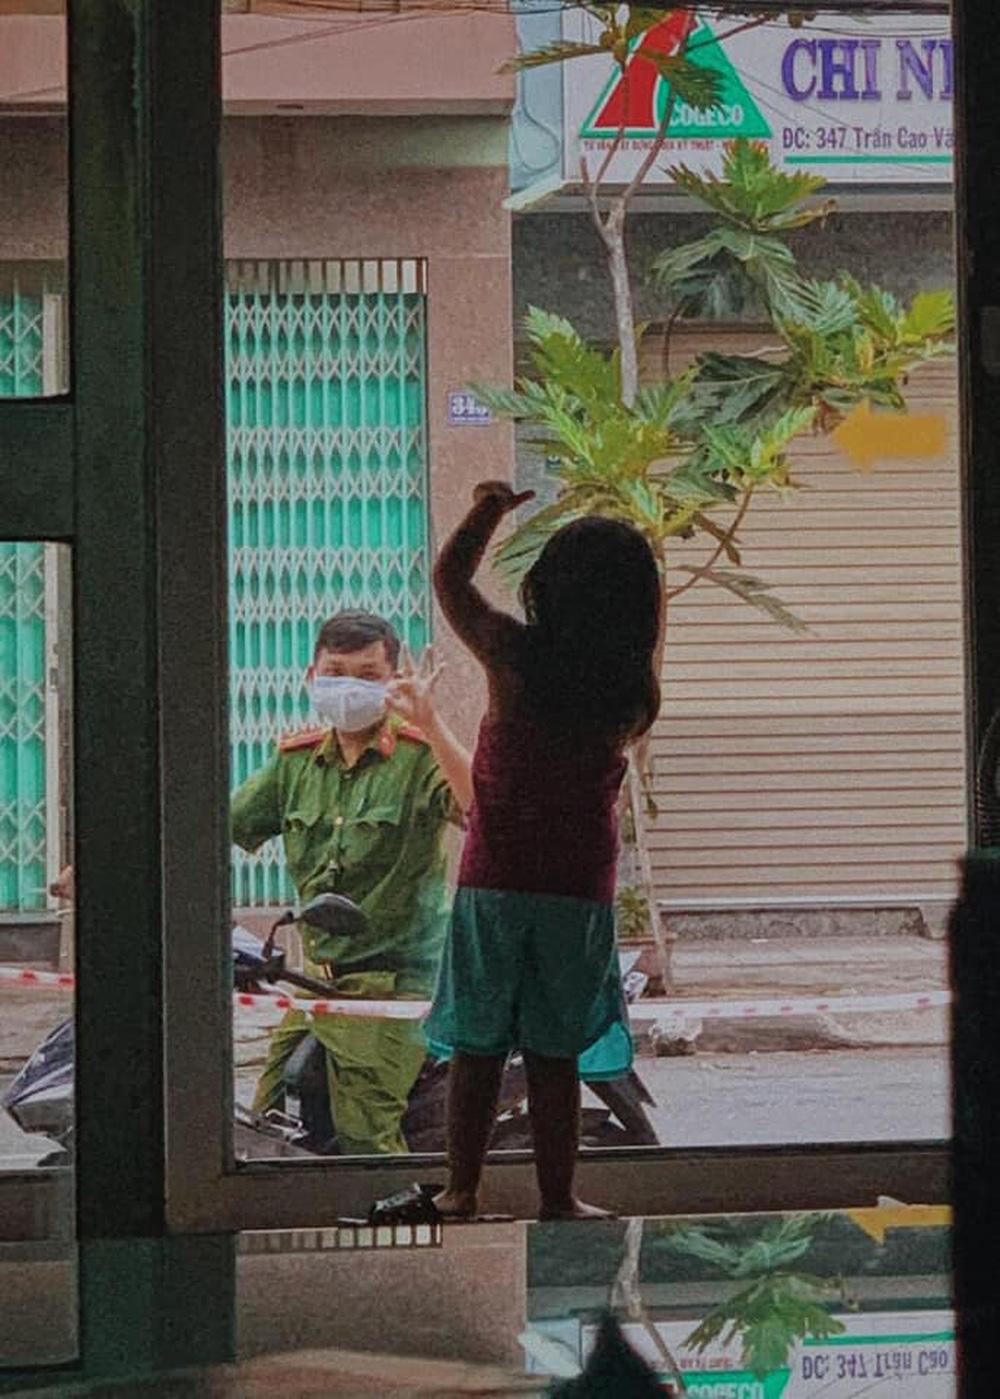 Giữa tâm dịch Đà Nẵng, hình ảnh chiến sĩ công an chào con gái qua cửa kính gây xúc động - Ảnh 1.